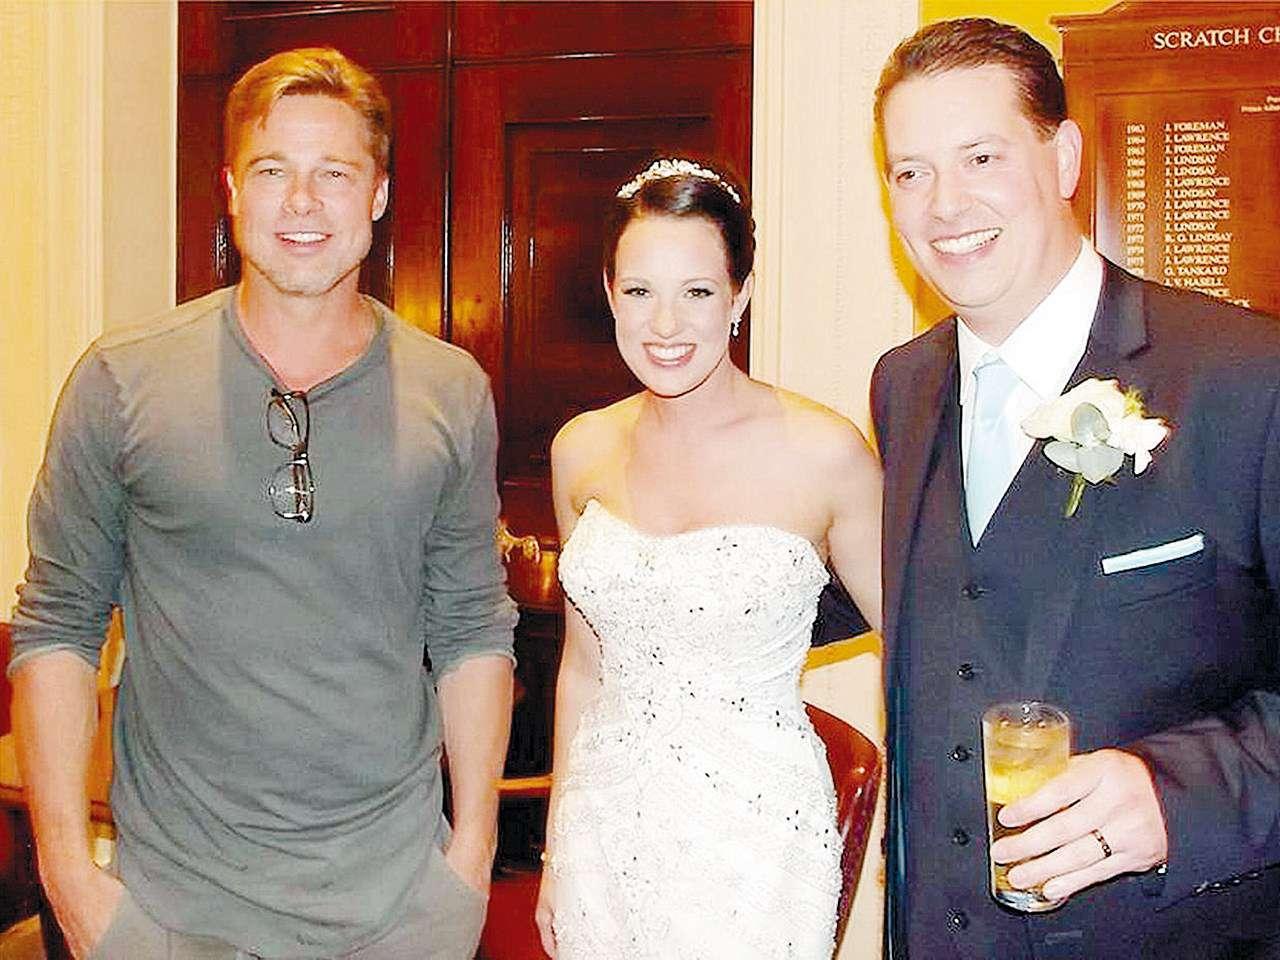 Brad Pitt Crashes Wedding